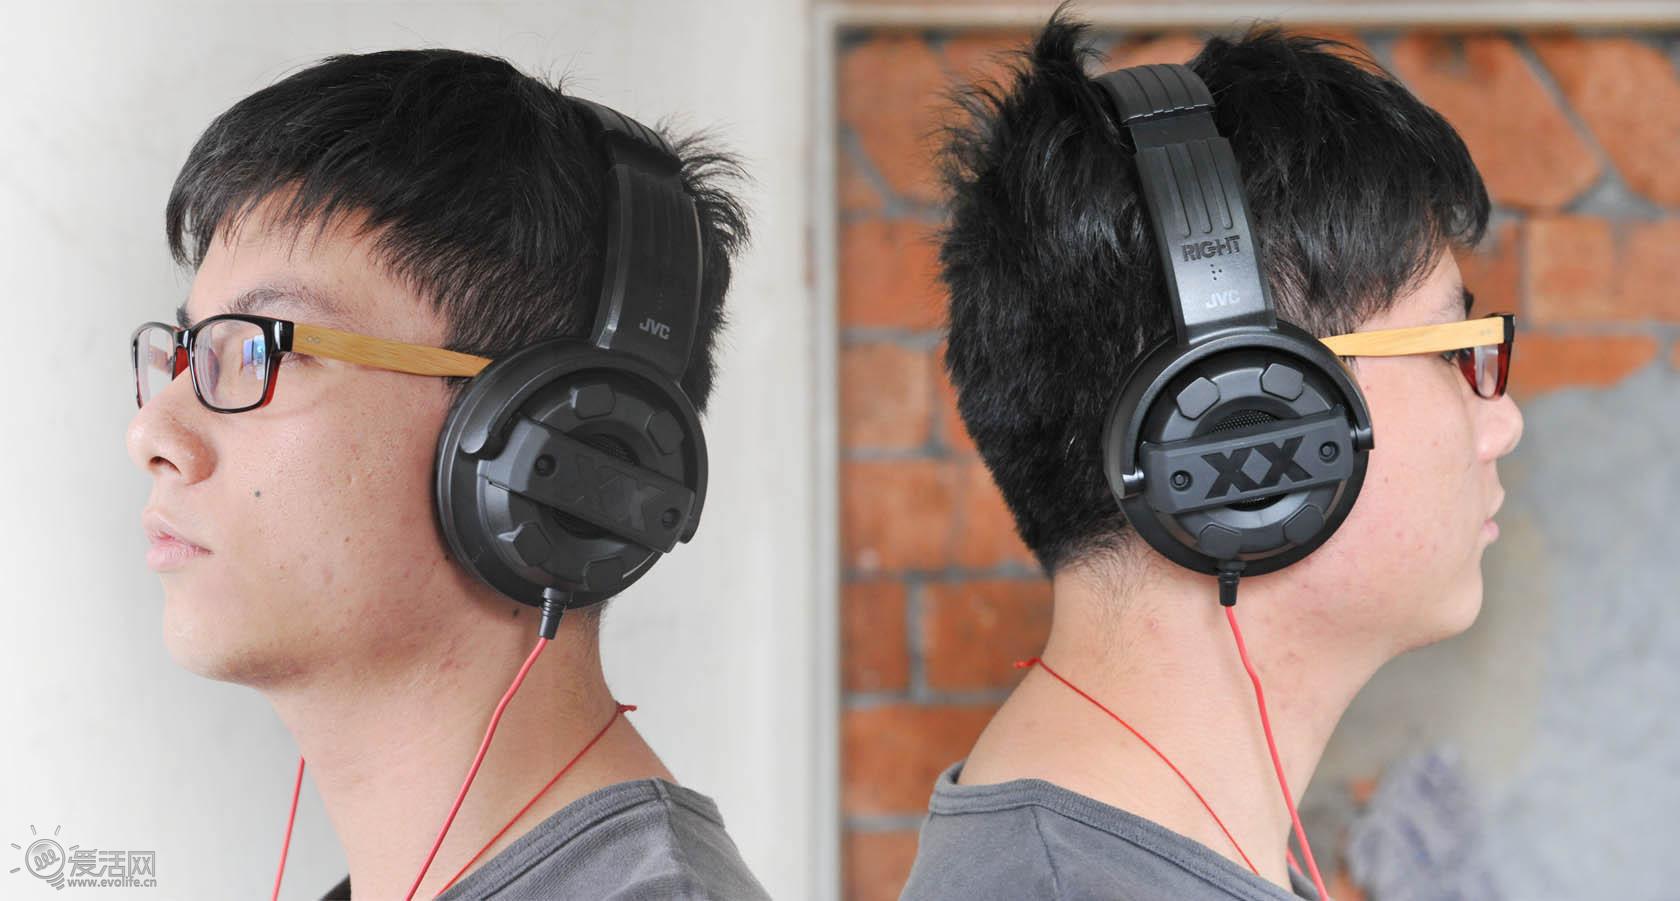 街头 霸气 耳机/重磅机车霸气外露JVC M5X街头耳机试玩